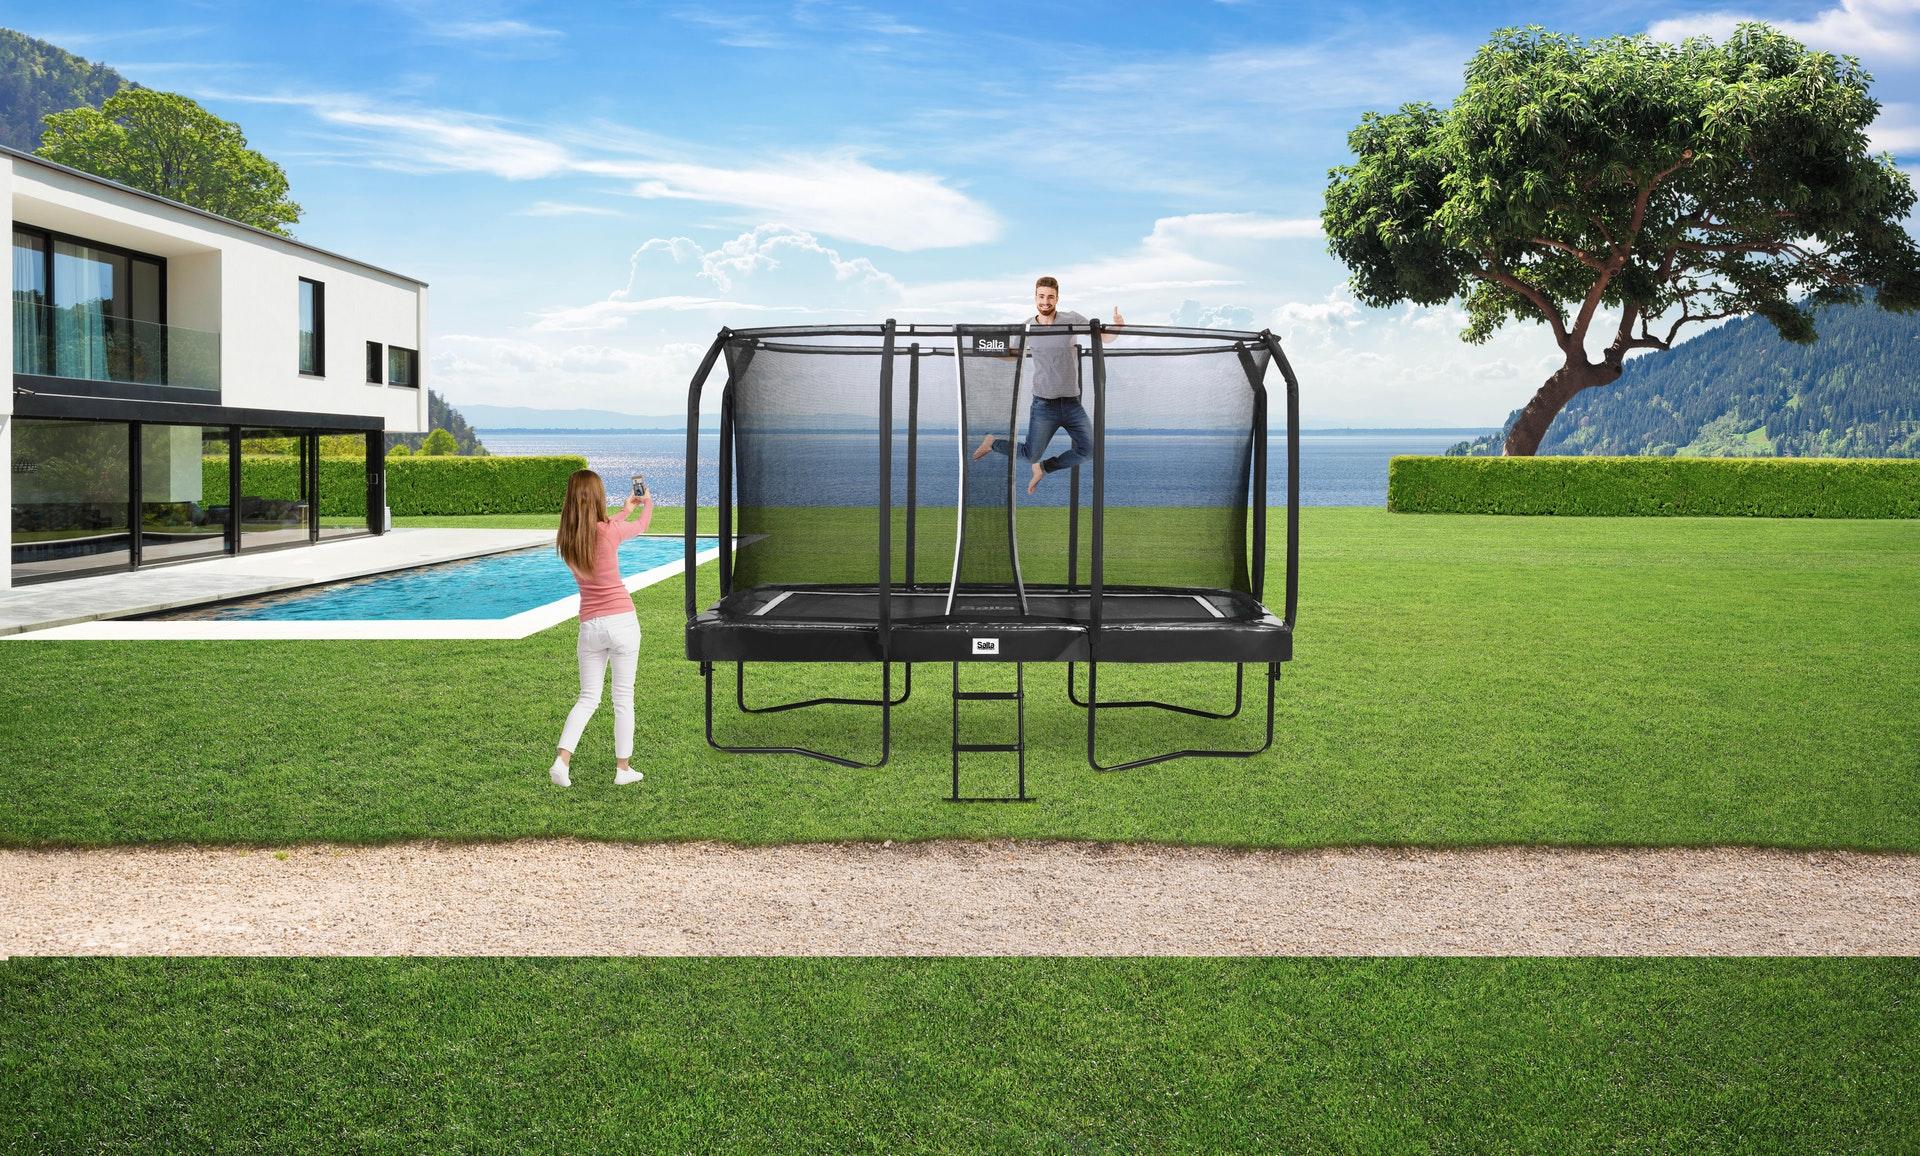 TRAMPOLIN FERIENANGEBOTE bei trampolin-profi.de